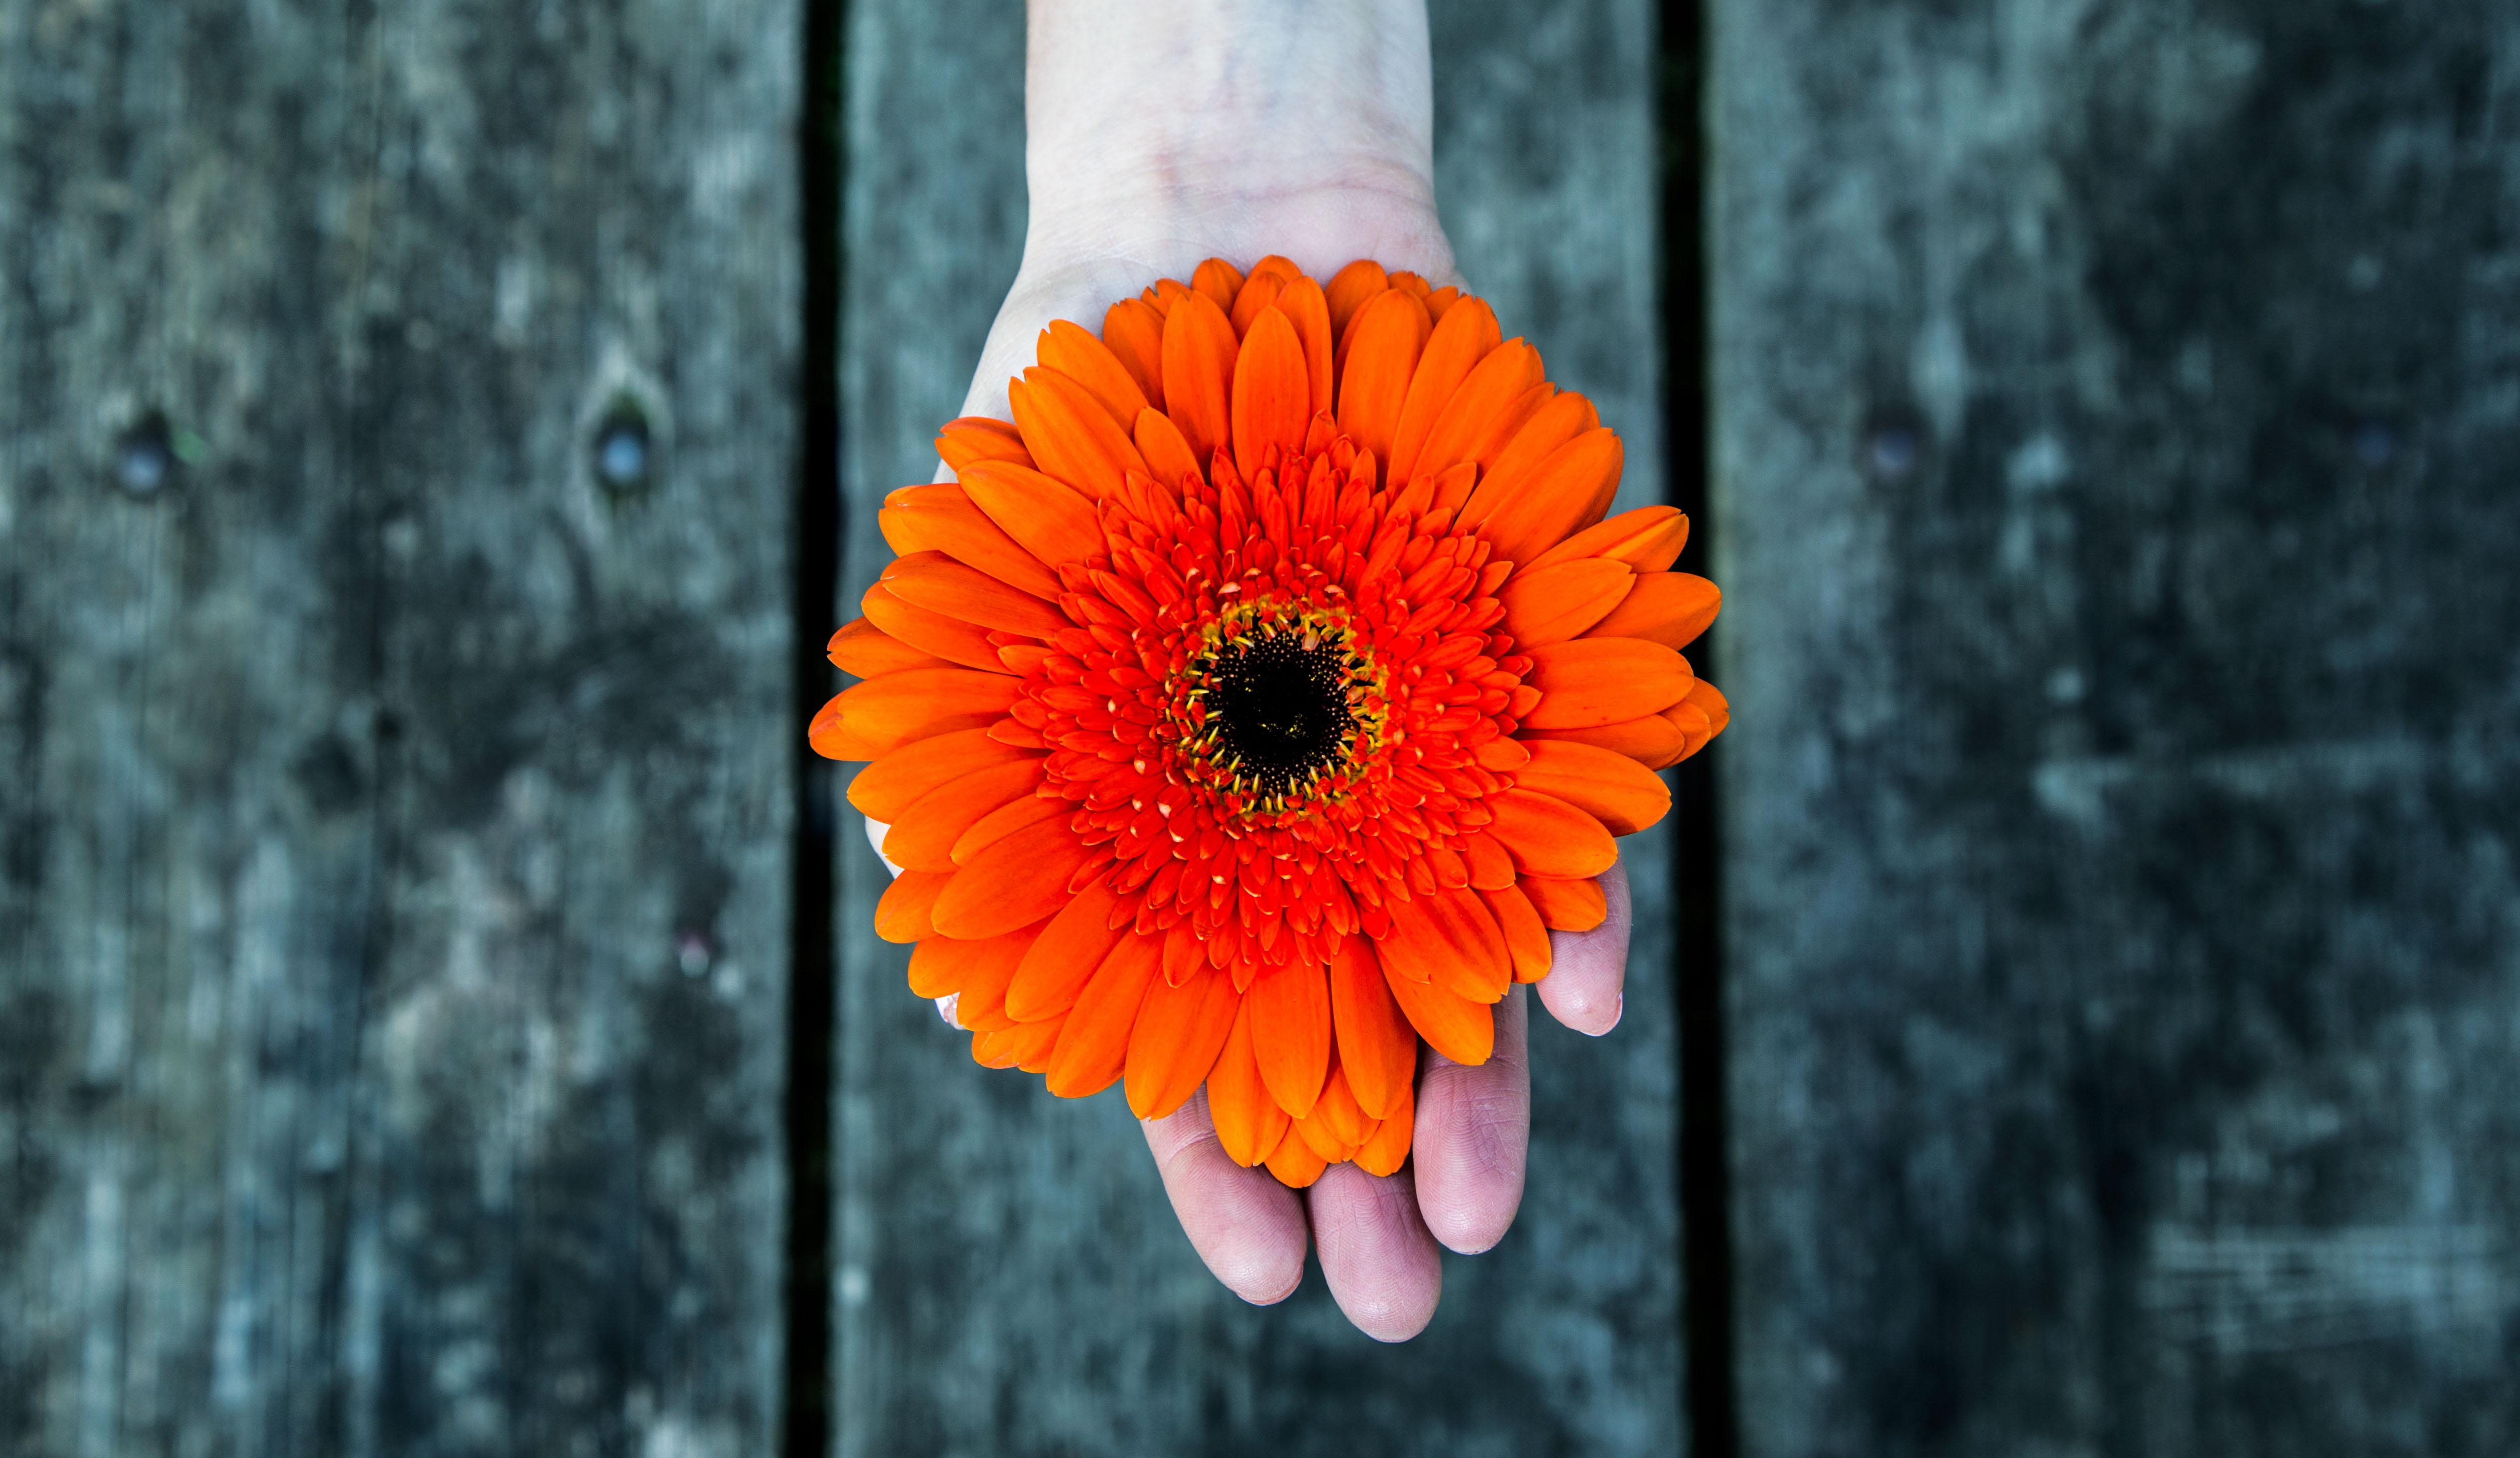 immagine di una mano che porge un fiore